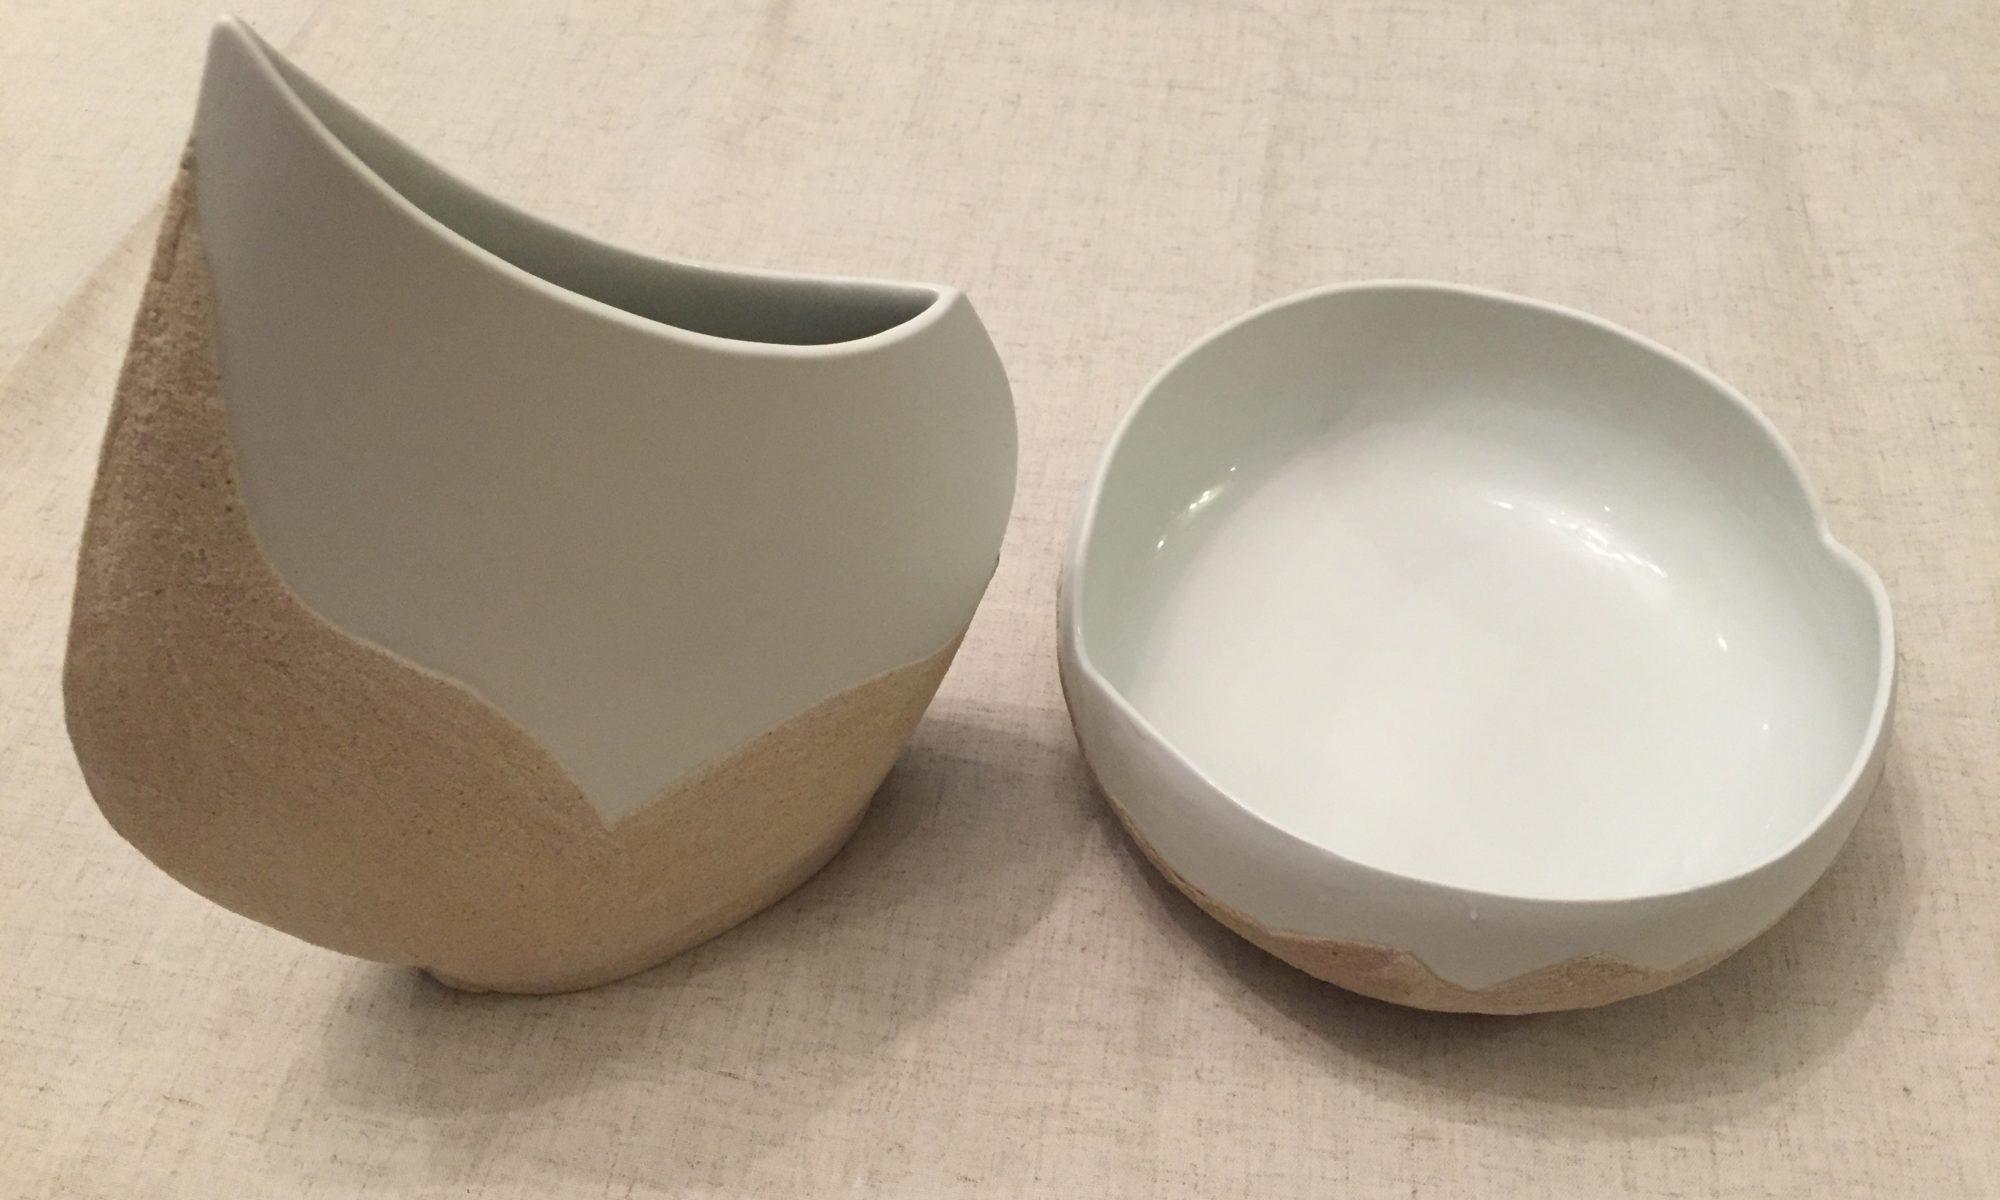 Vases en porcelaine écrue sablée d'artisan français - un vase seul ou combinaison des deux.